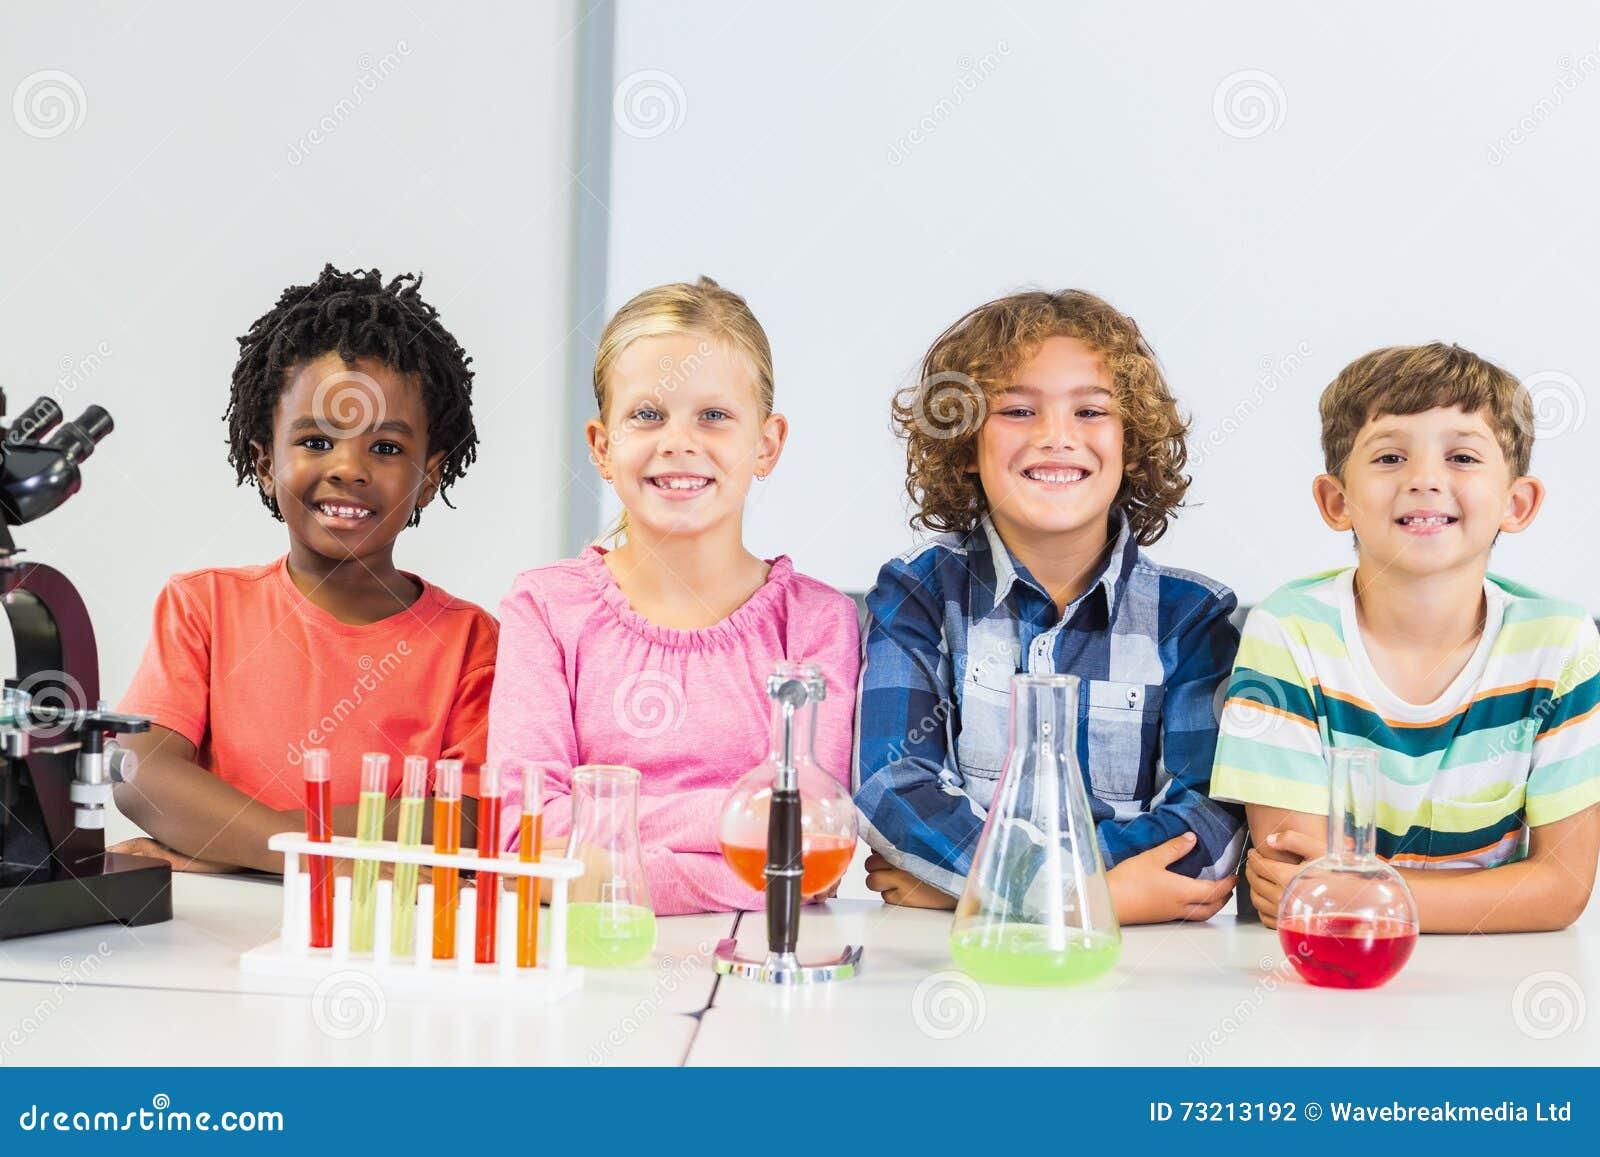 Retrato das crianças que fazem uma experiência química no laboratório